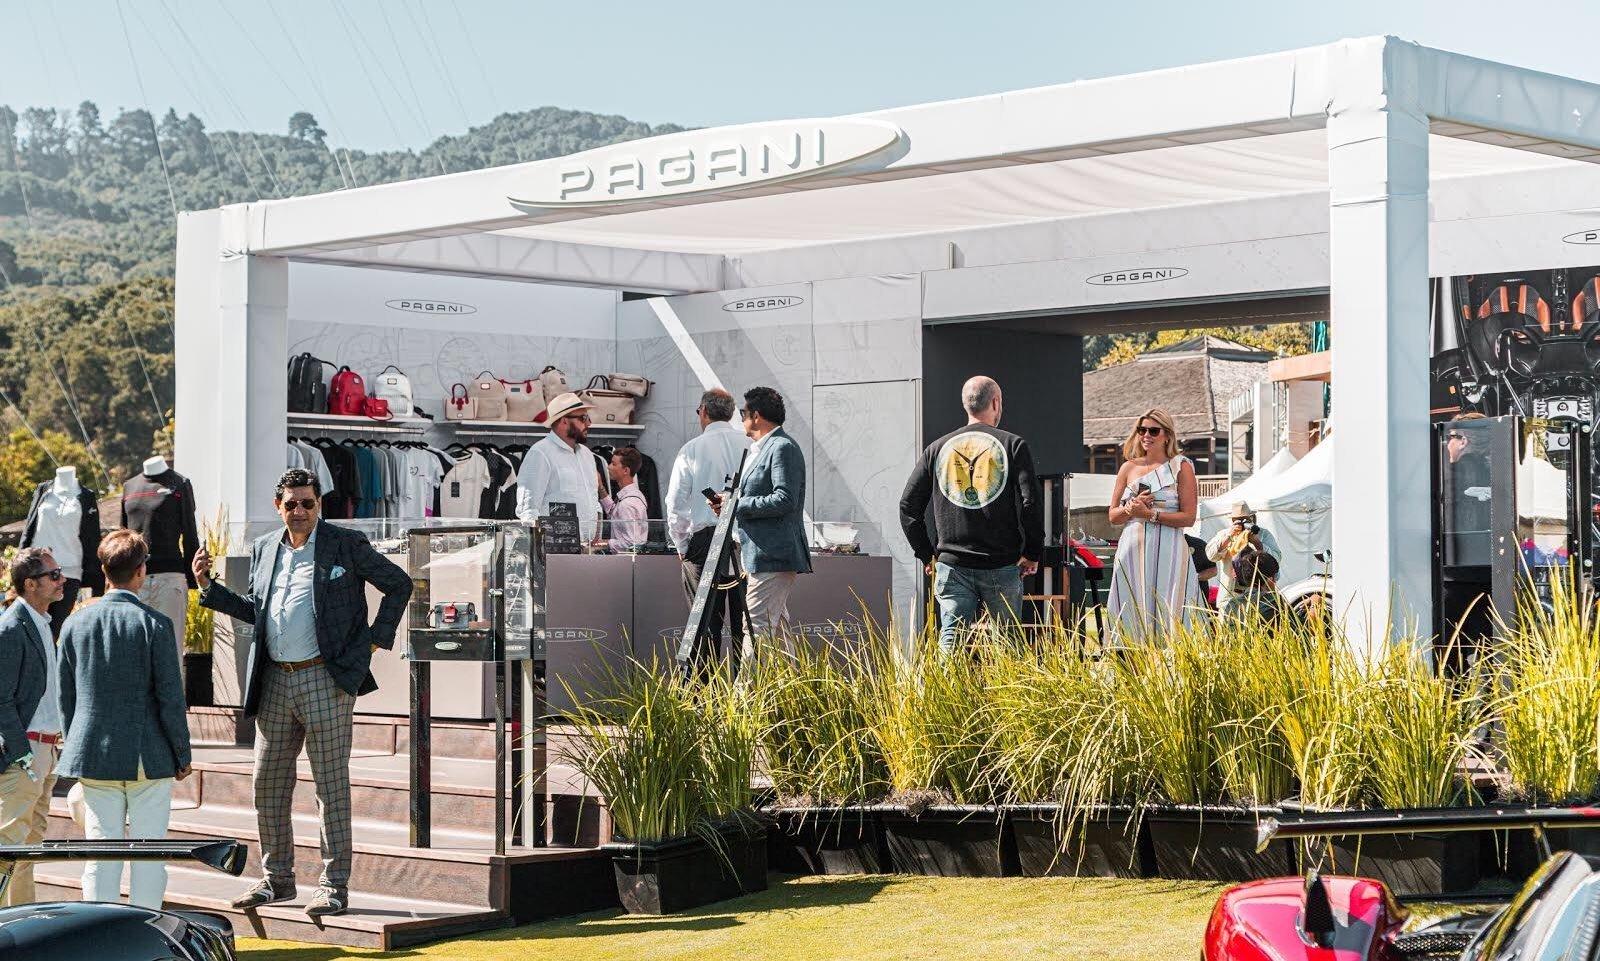 Pagani alla Monterey Car Week: La nuova Huayra Roadster BC e lo store dedicato all'abbigliamento